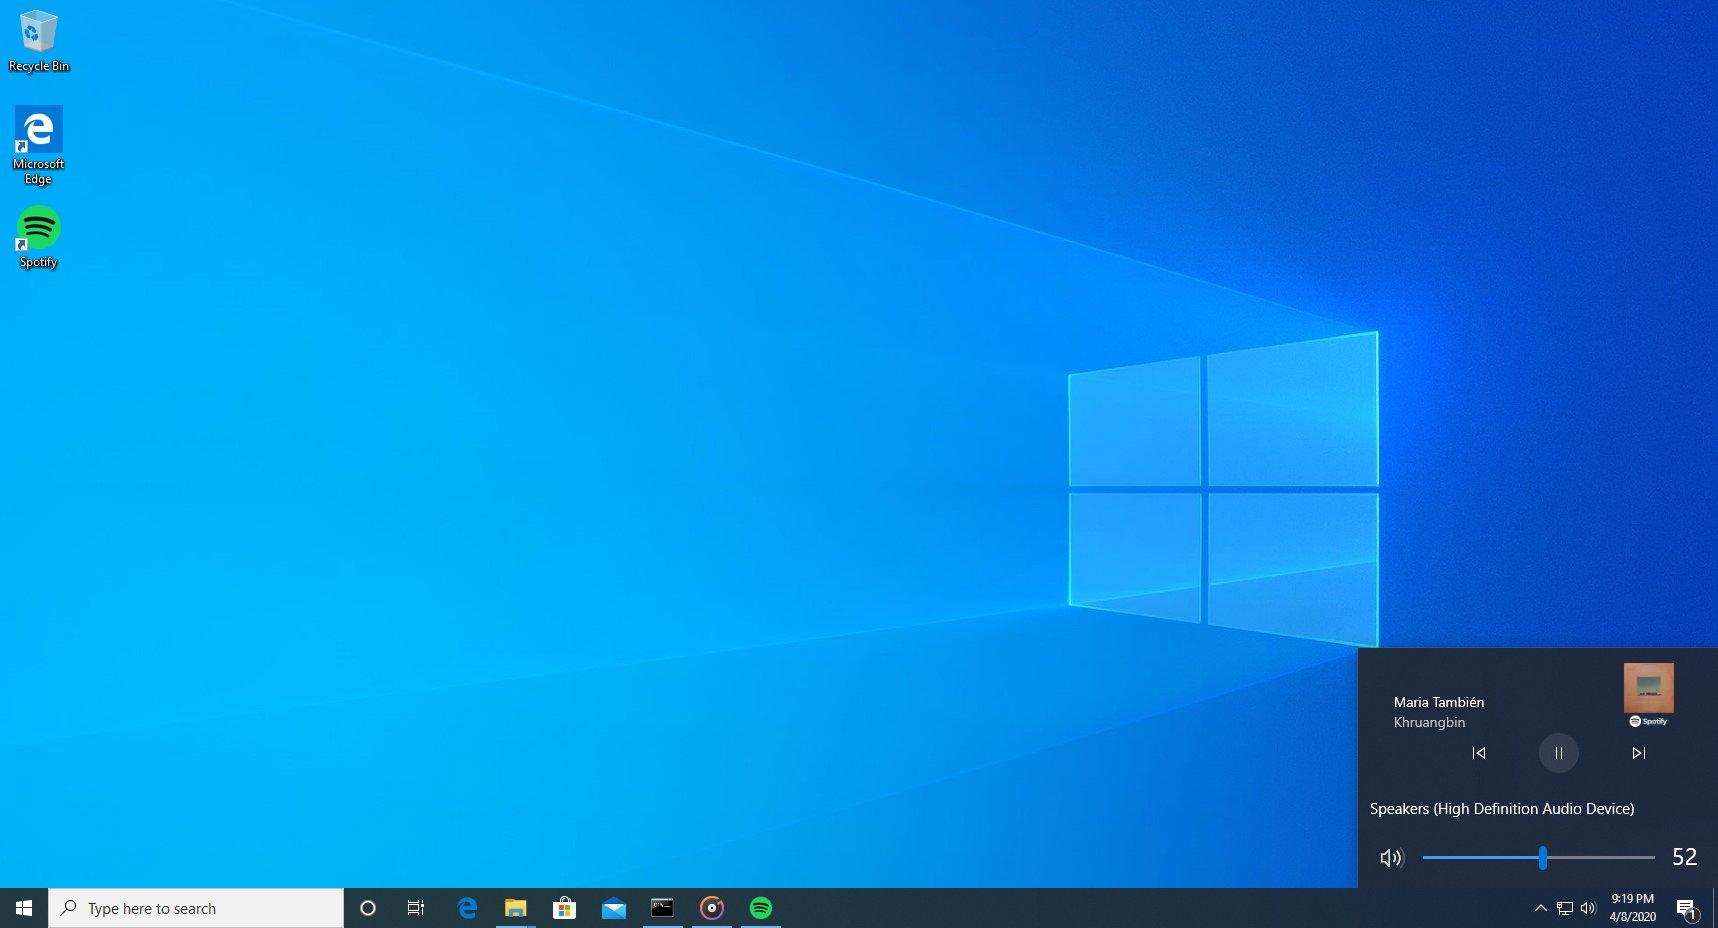 Windows 10 Media Controls For Volume Slider Flyout